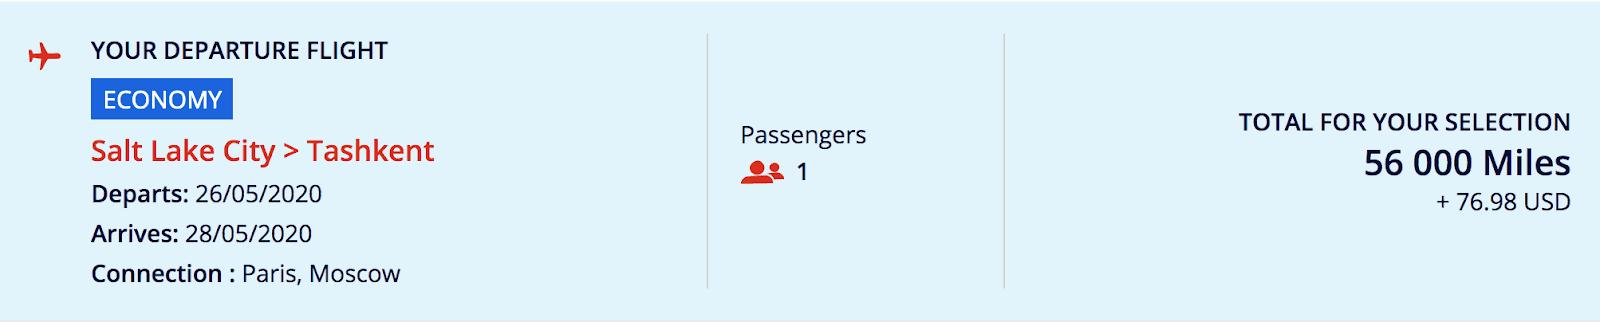 03. Air France SLC to Tashkent